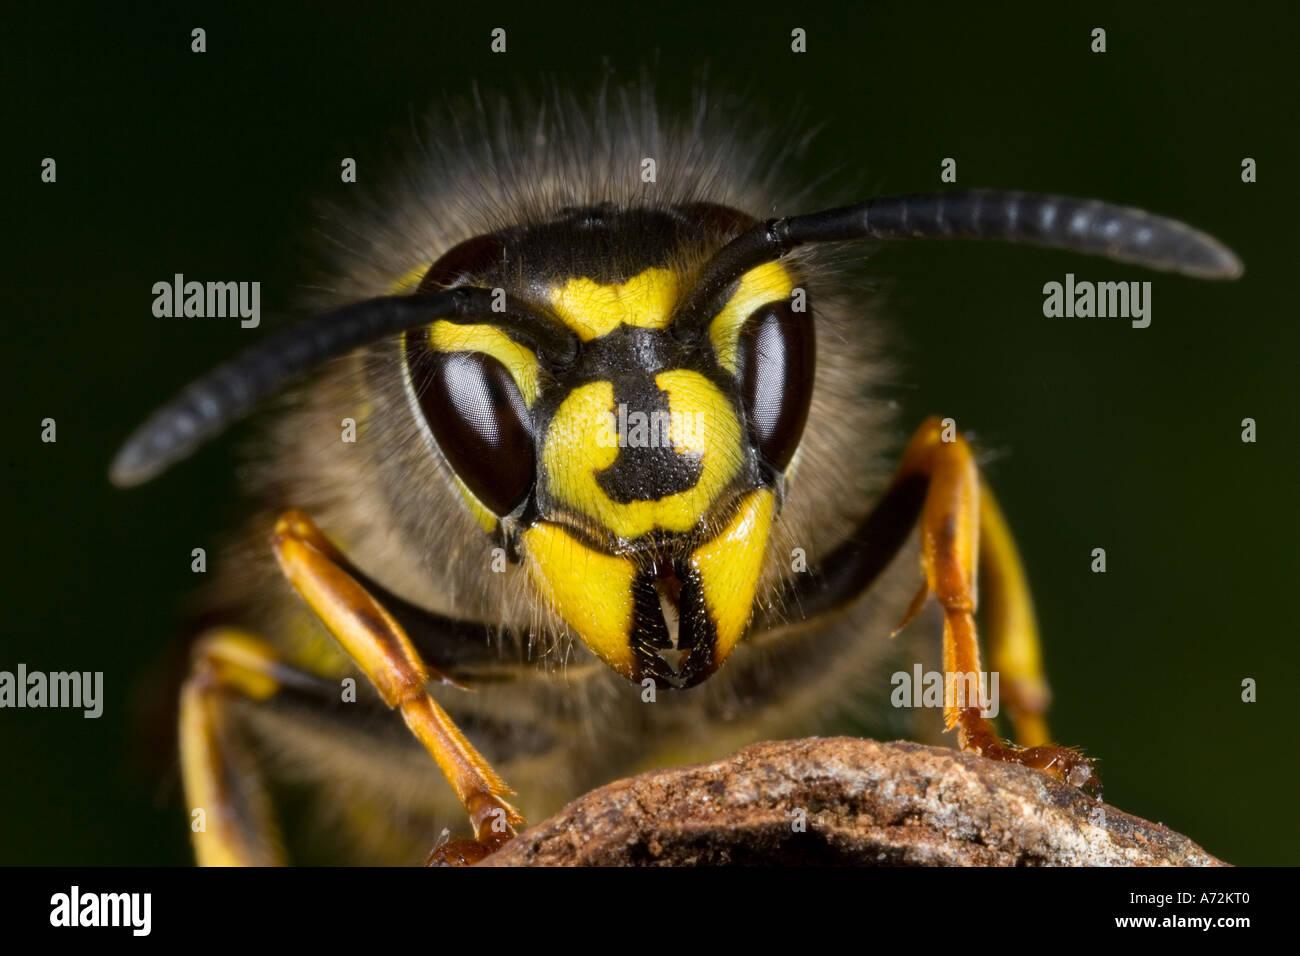 gemeinsamen Wespe Vespula Vulgaris Detailansicht des Kopfes zeigt charakteristische Markierungen Potton bedfordshire Stockbild